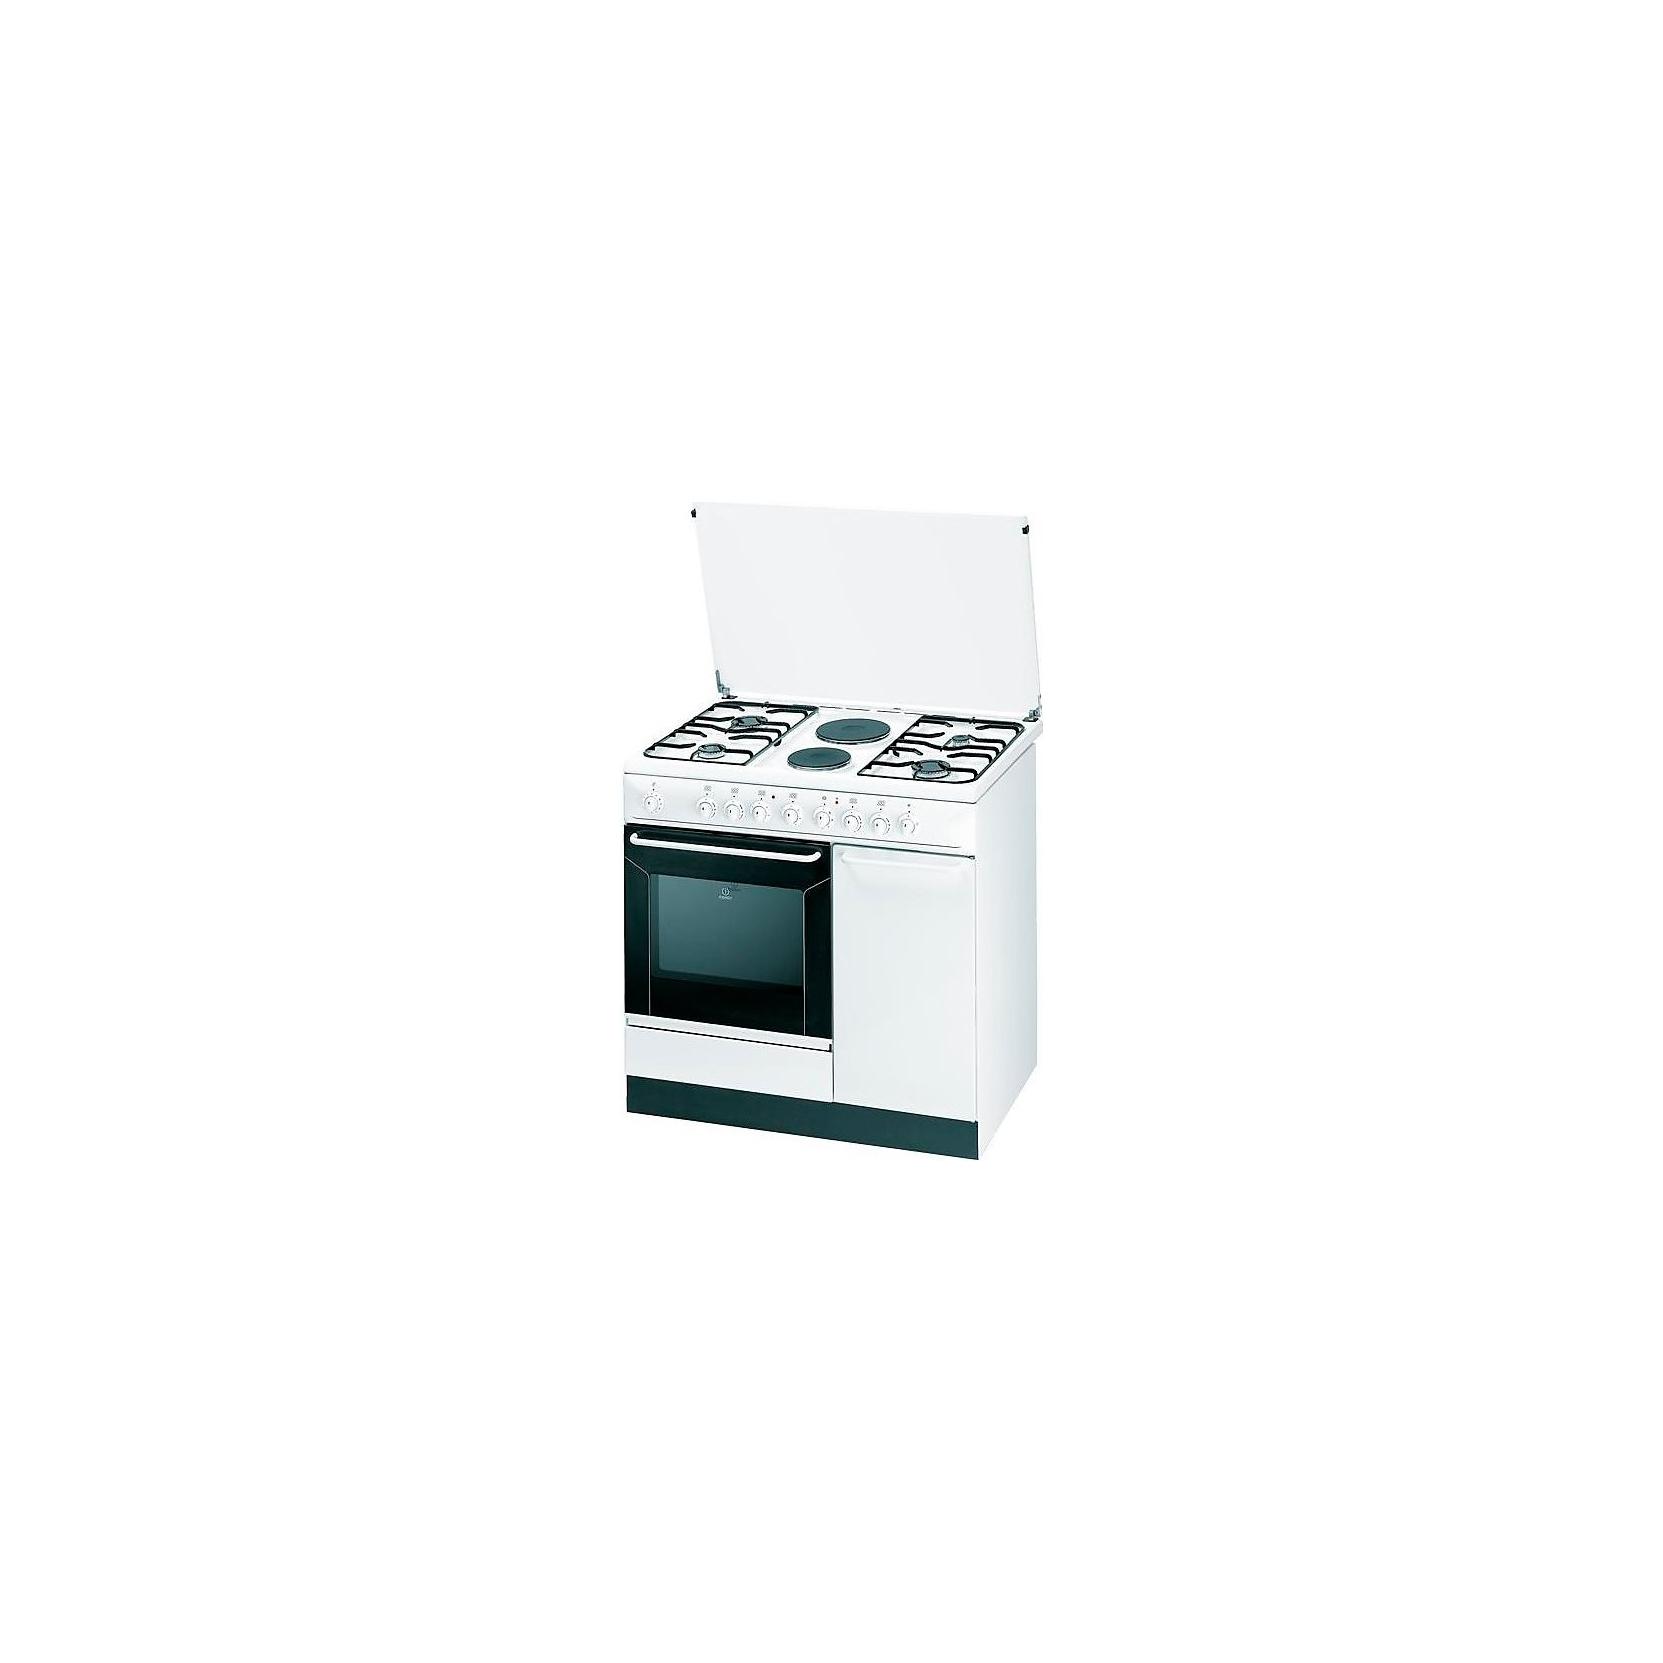 Cucina indesit k9b11sb w i con porta bombola 90x60 bianca 4 fuochi 2 piastre elettriche - Cucine a gas samsung ...